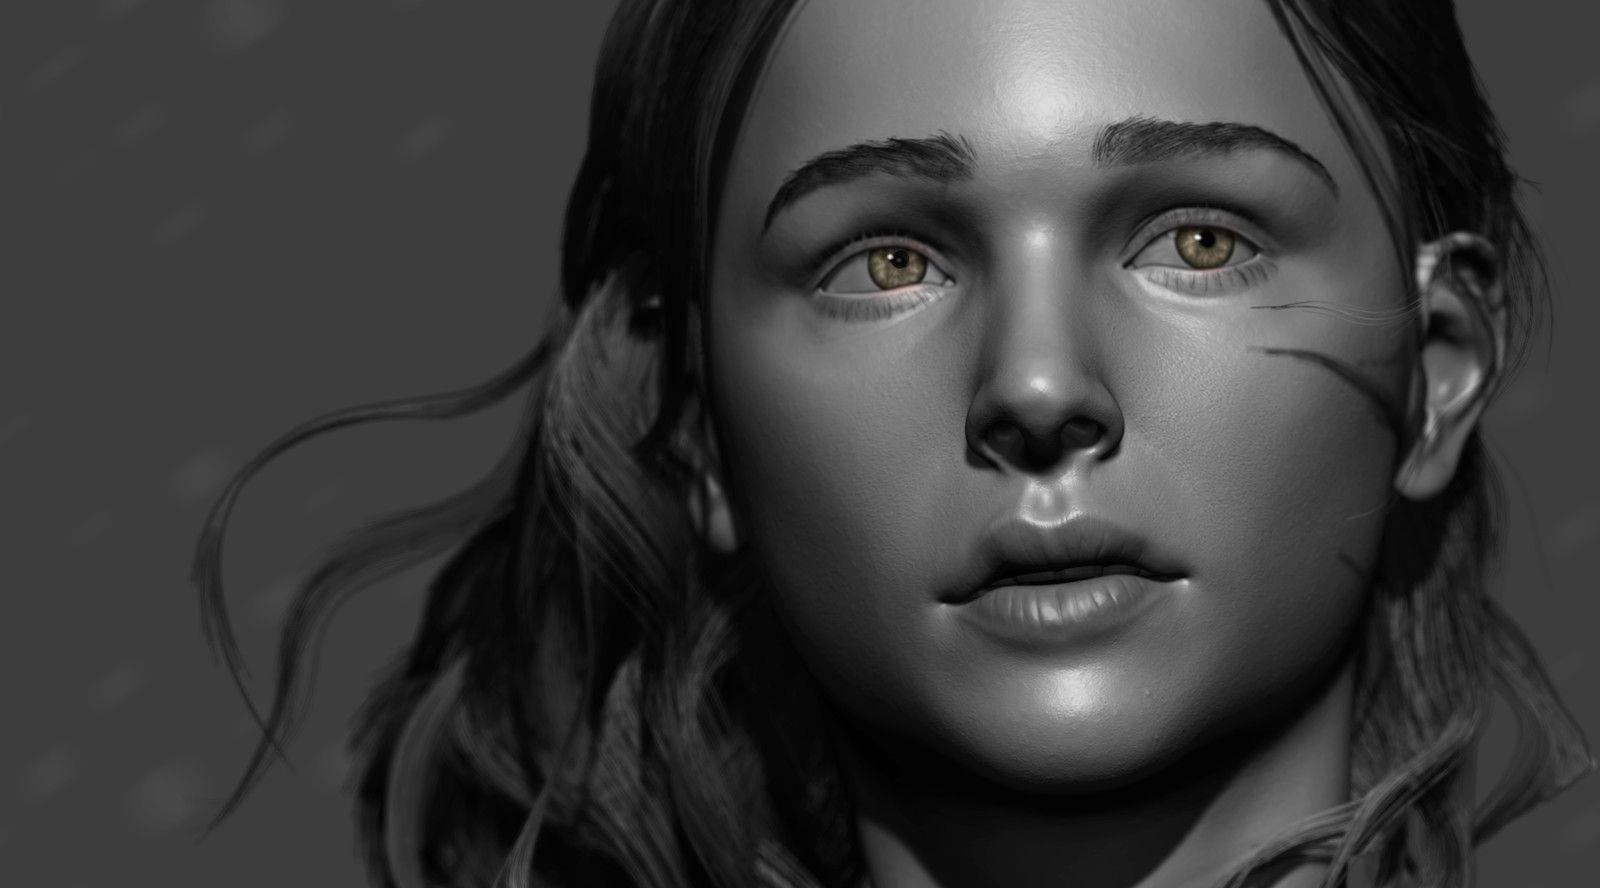 Chloë Grace Moretz - likeness, Lun Leo on ArtStation at https://www.artstation.com/artwork/5EvLP